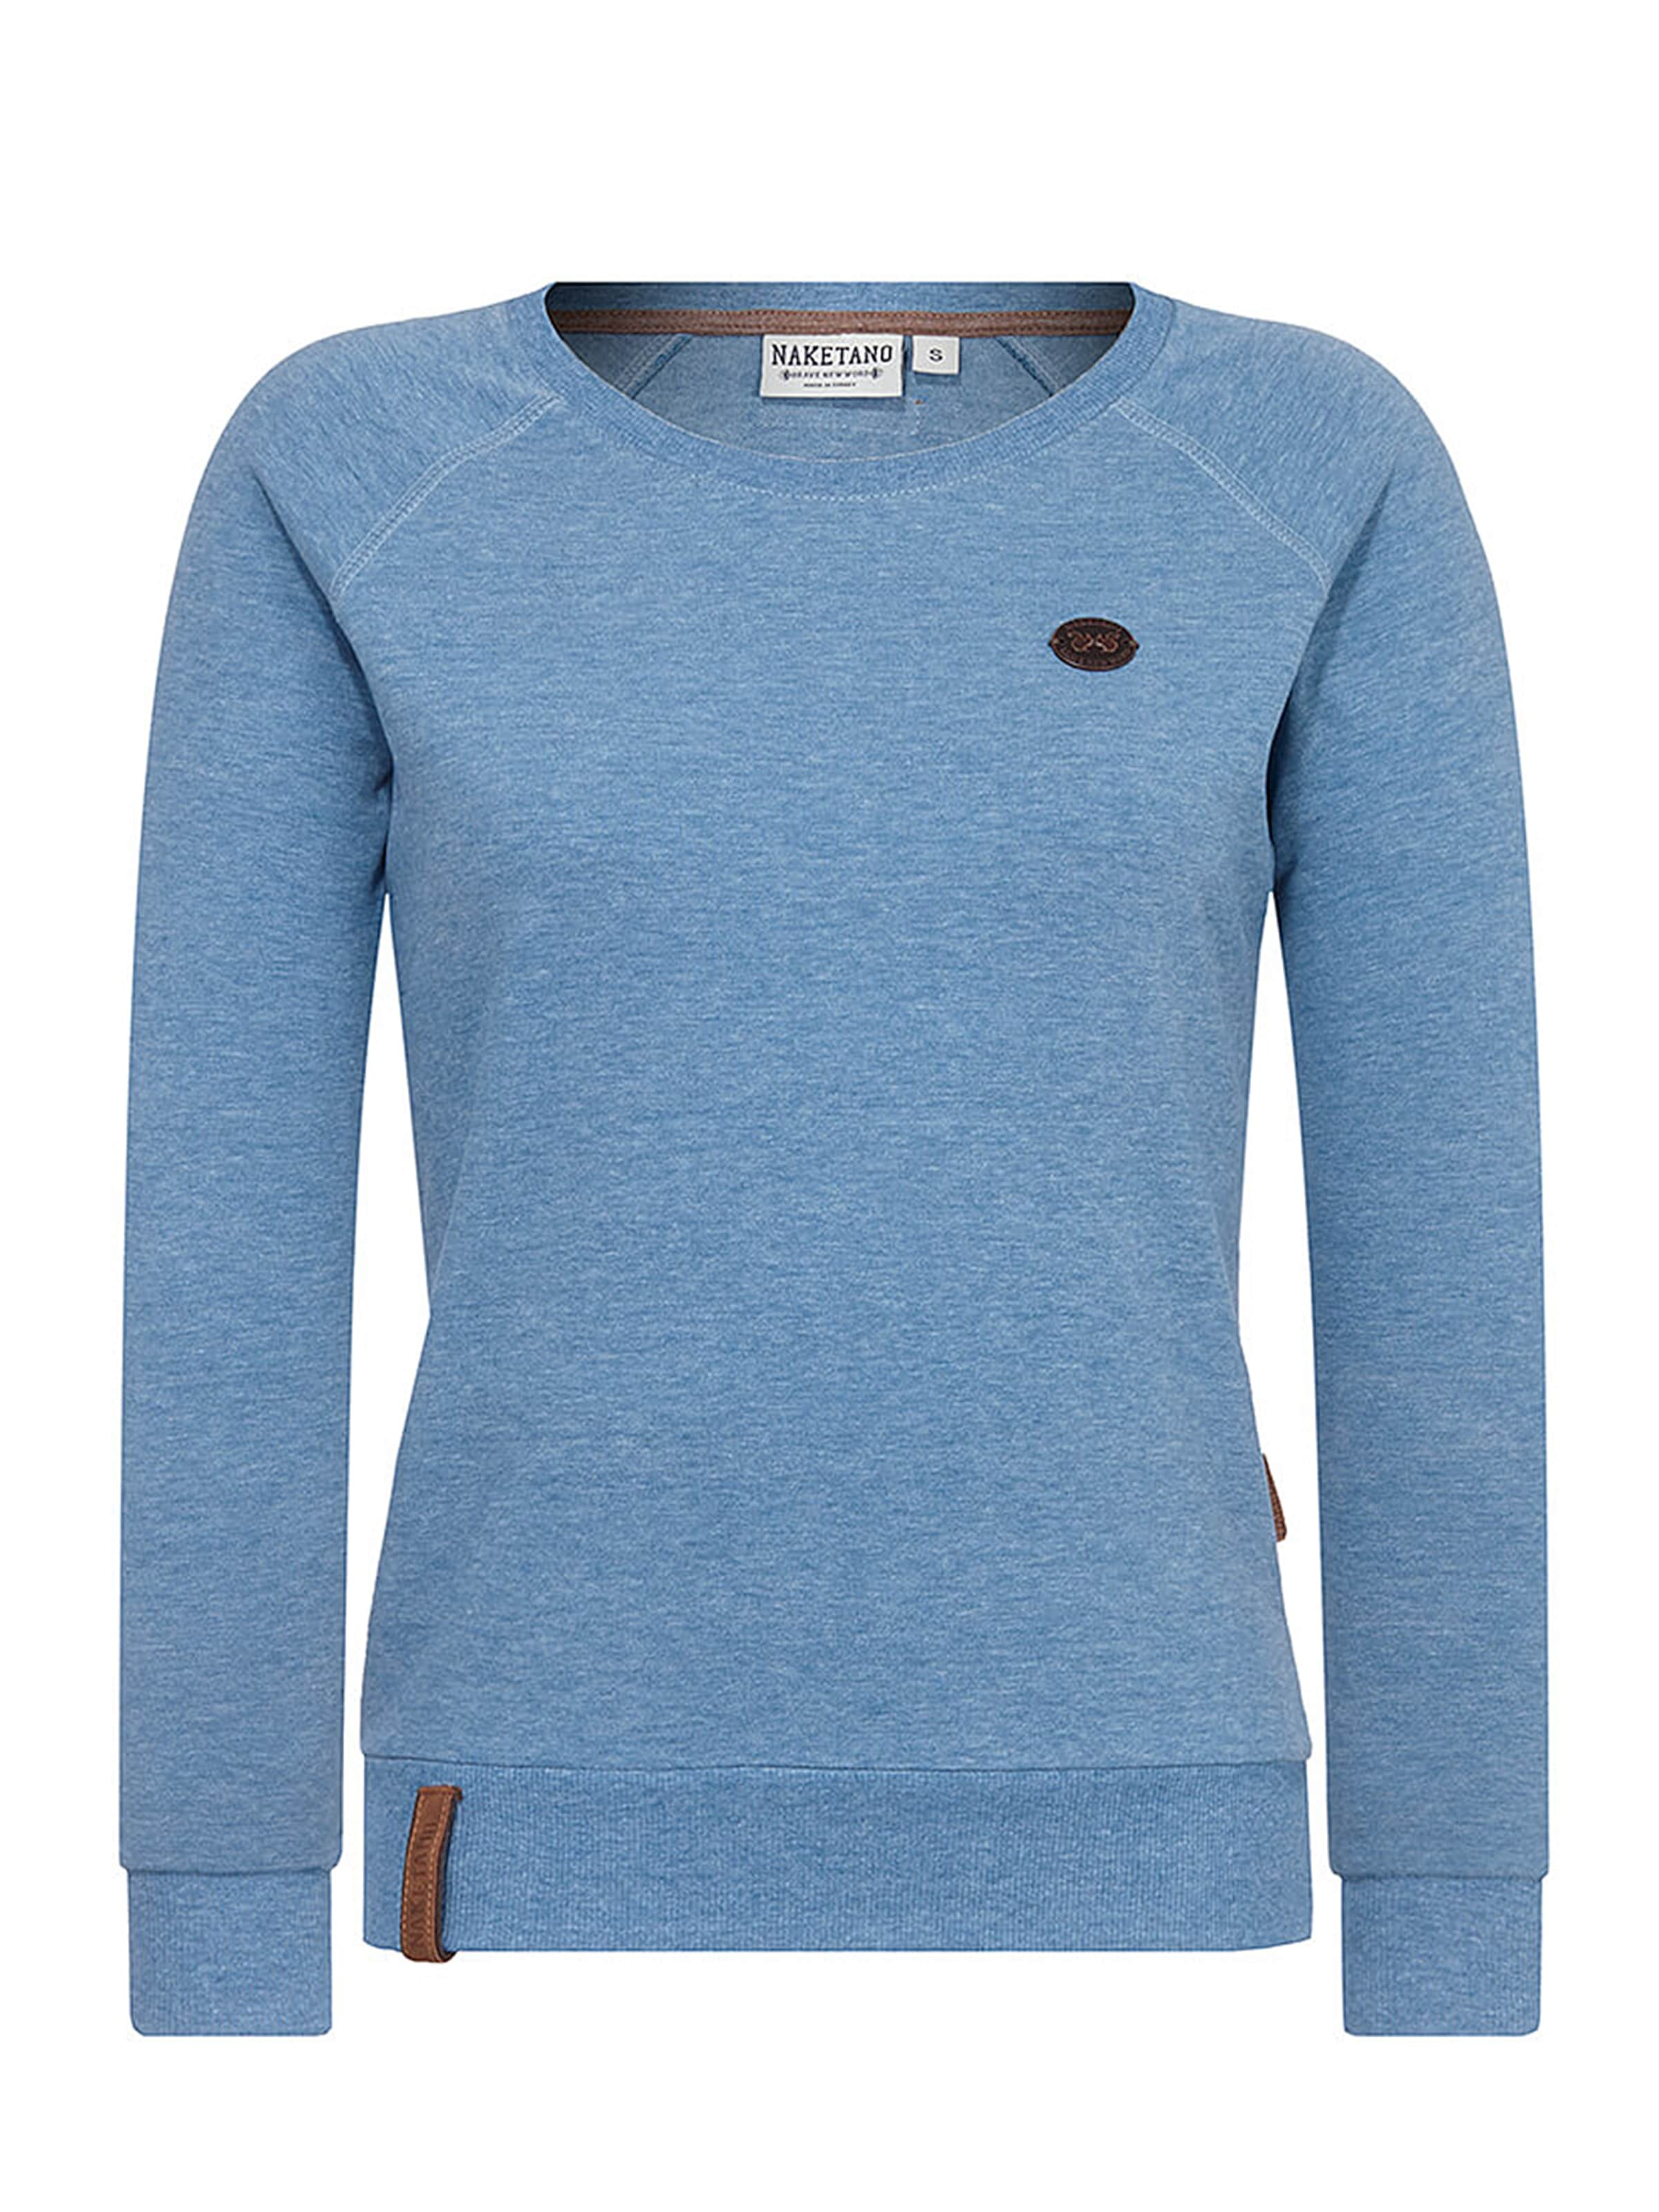 En Naketano Bleu shirt Roi Sweat 'krokettenhorst' ARqS534Lcj